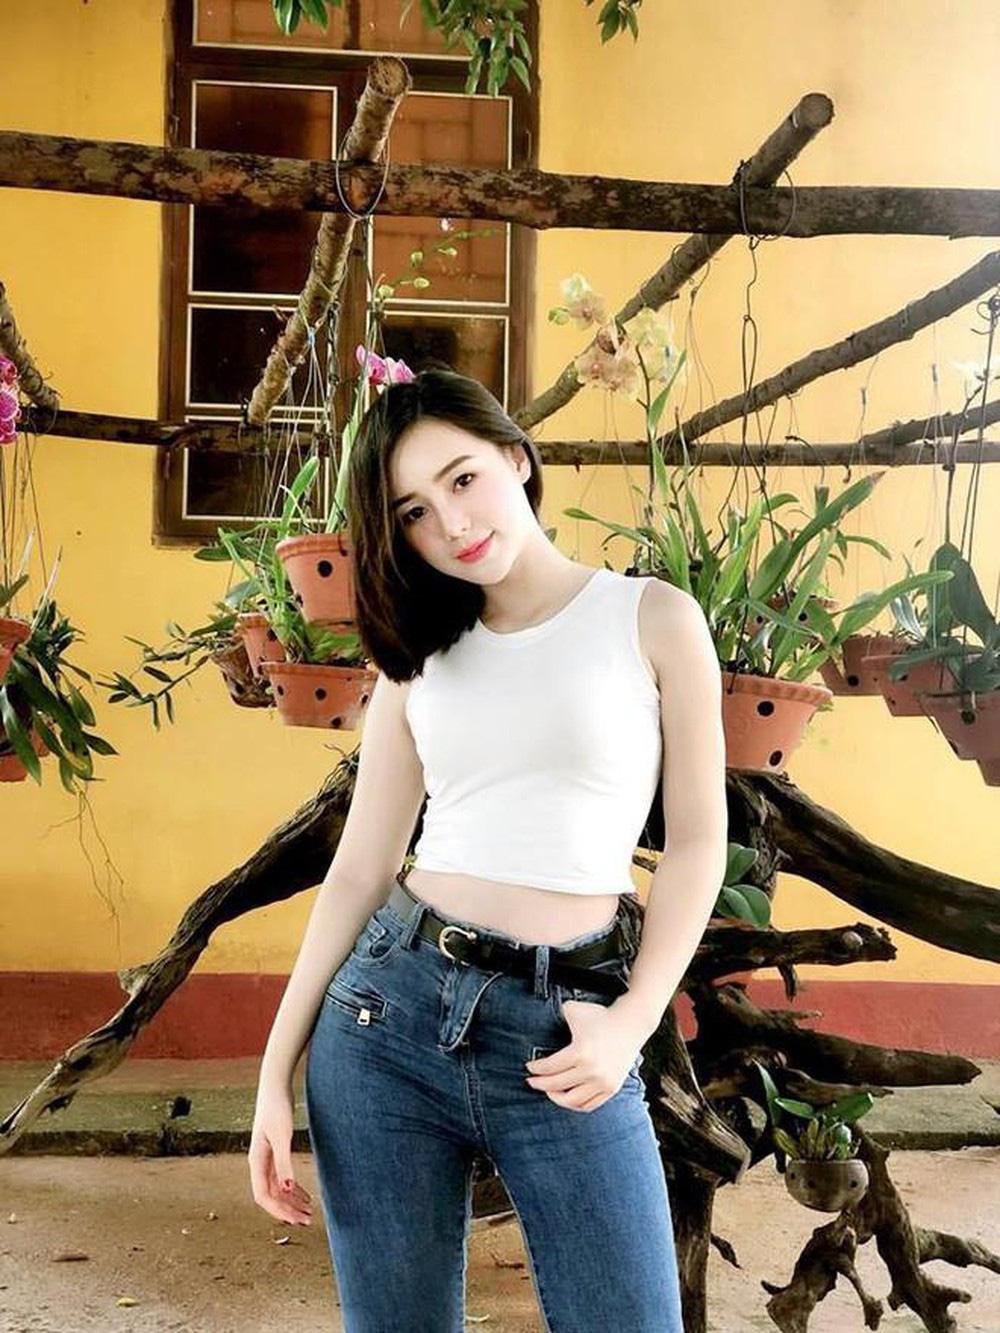 Ngược đời như Quỳnh Kool: Bình thường khéo ăn vận tôn dáng cao ráo, dự VTV Awards lại tự dìm vì đầm công chúa lỡ cỡ - Ảnh 6.